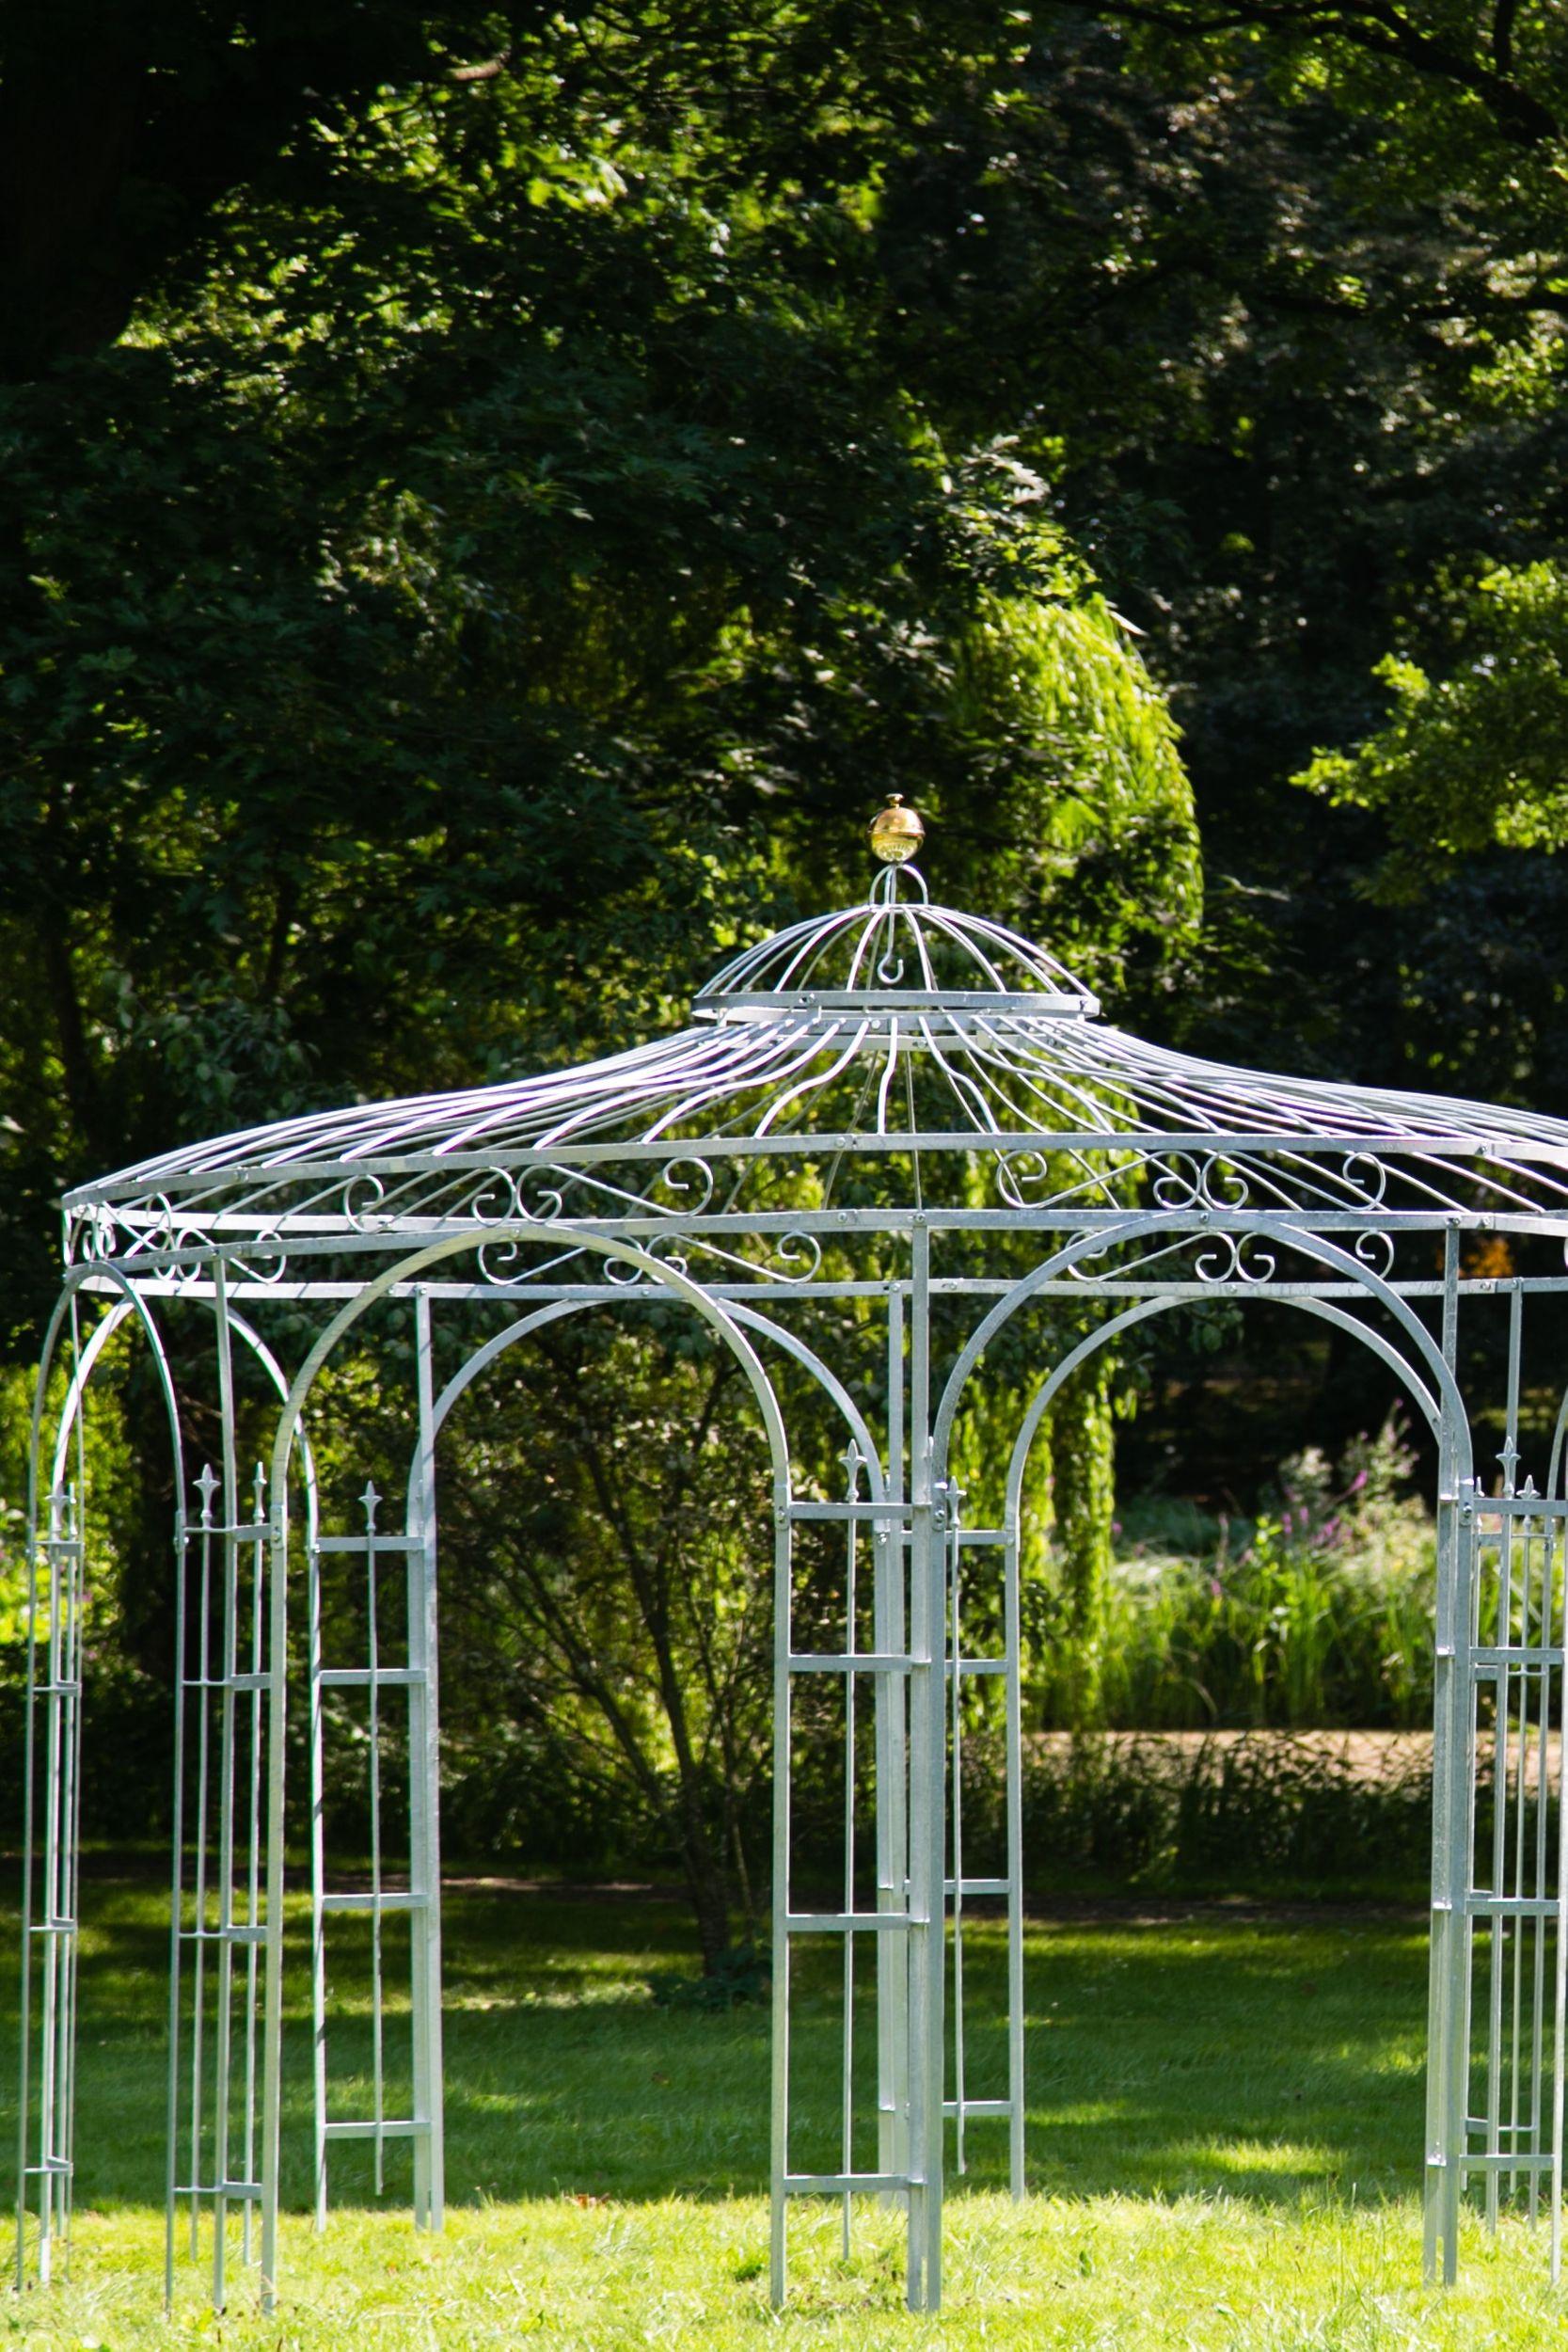 Full Size of Luxus Garten Pavillon Rund Holz 3x3 Winterfester Winterfest Baugenehmigung Gartenpavillon Faltbarer 3x3m Metall Sekey Verzinkt 350cm Eleganz Loungemöbel Garten Garten Pavillon